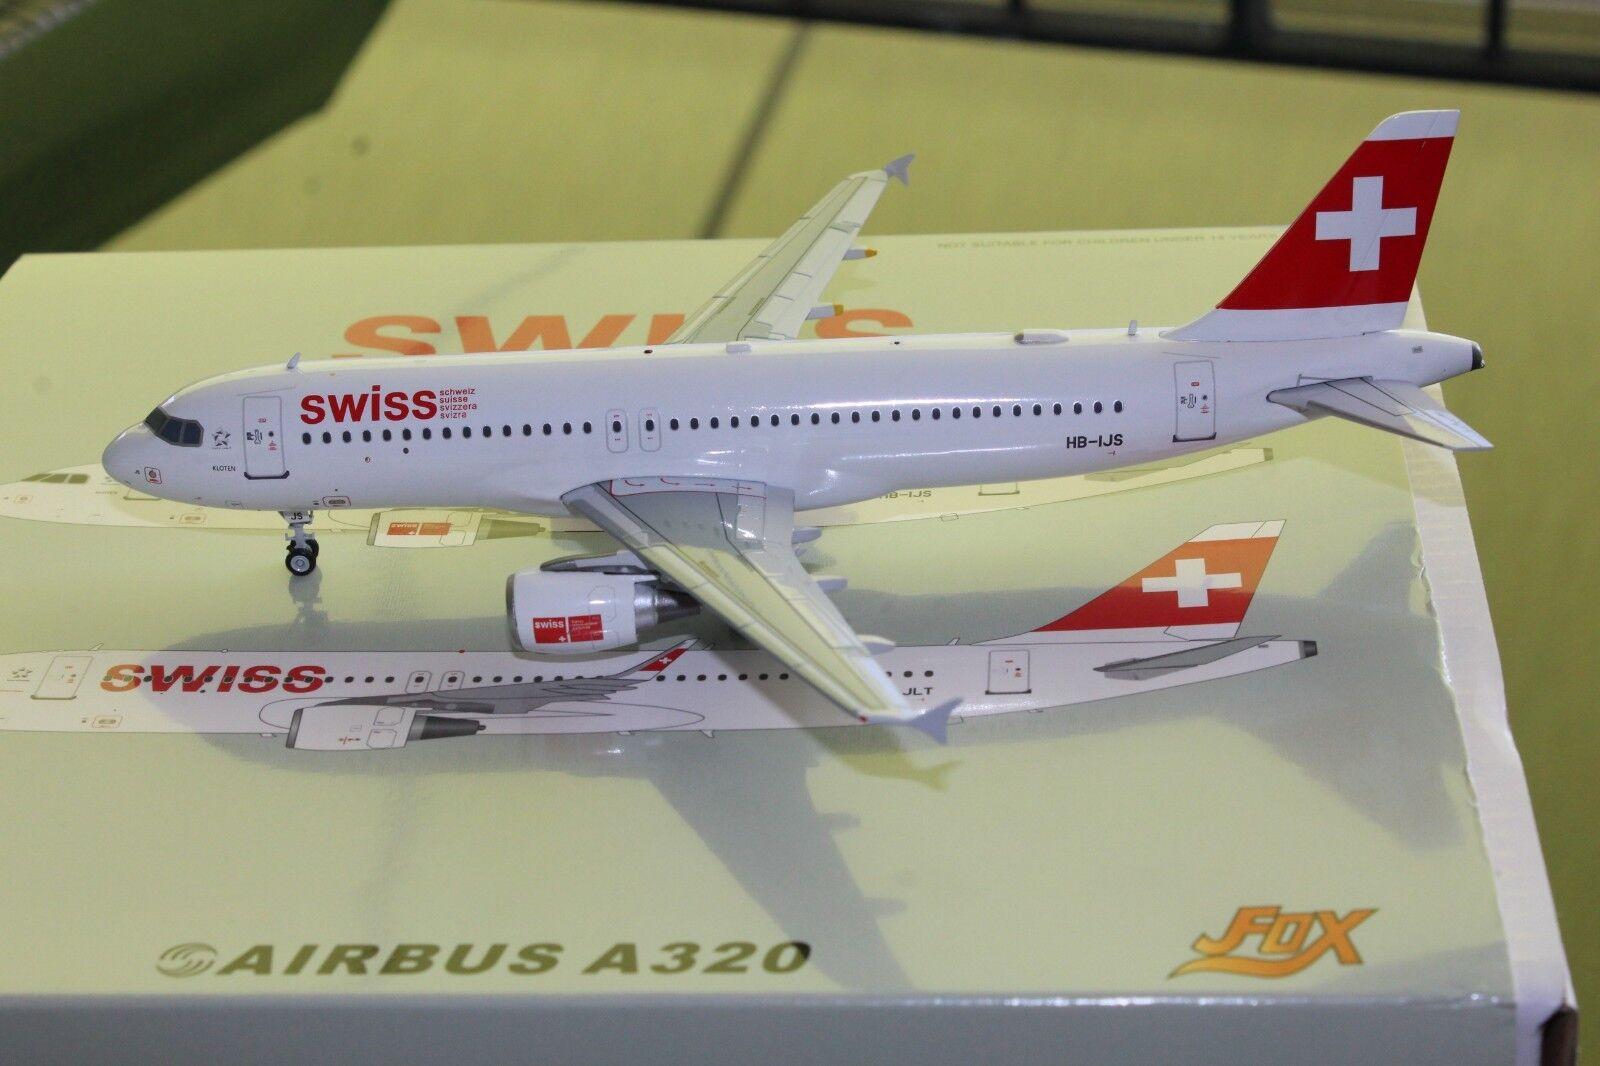 Swiss A320-200 (HB-IJS) 1 200, JFox MODELS MODELS MODELS a62d7b